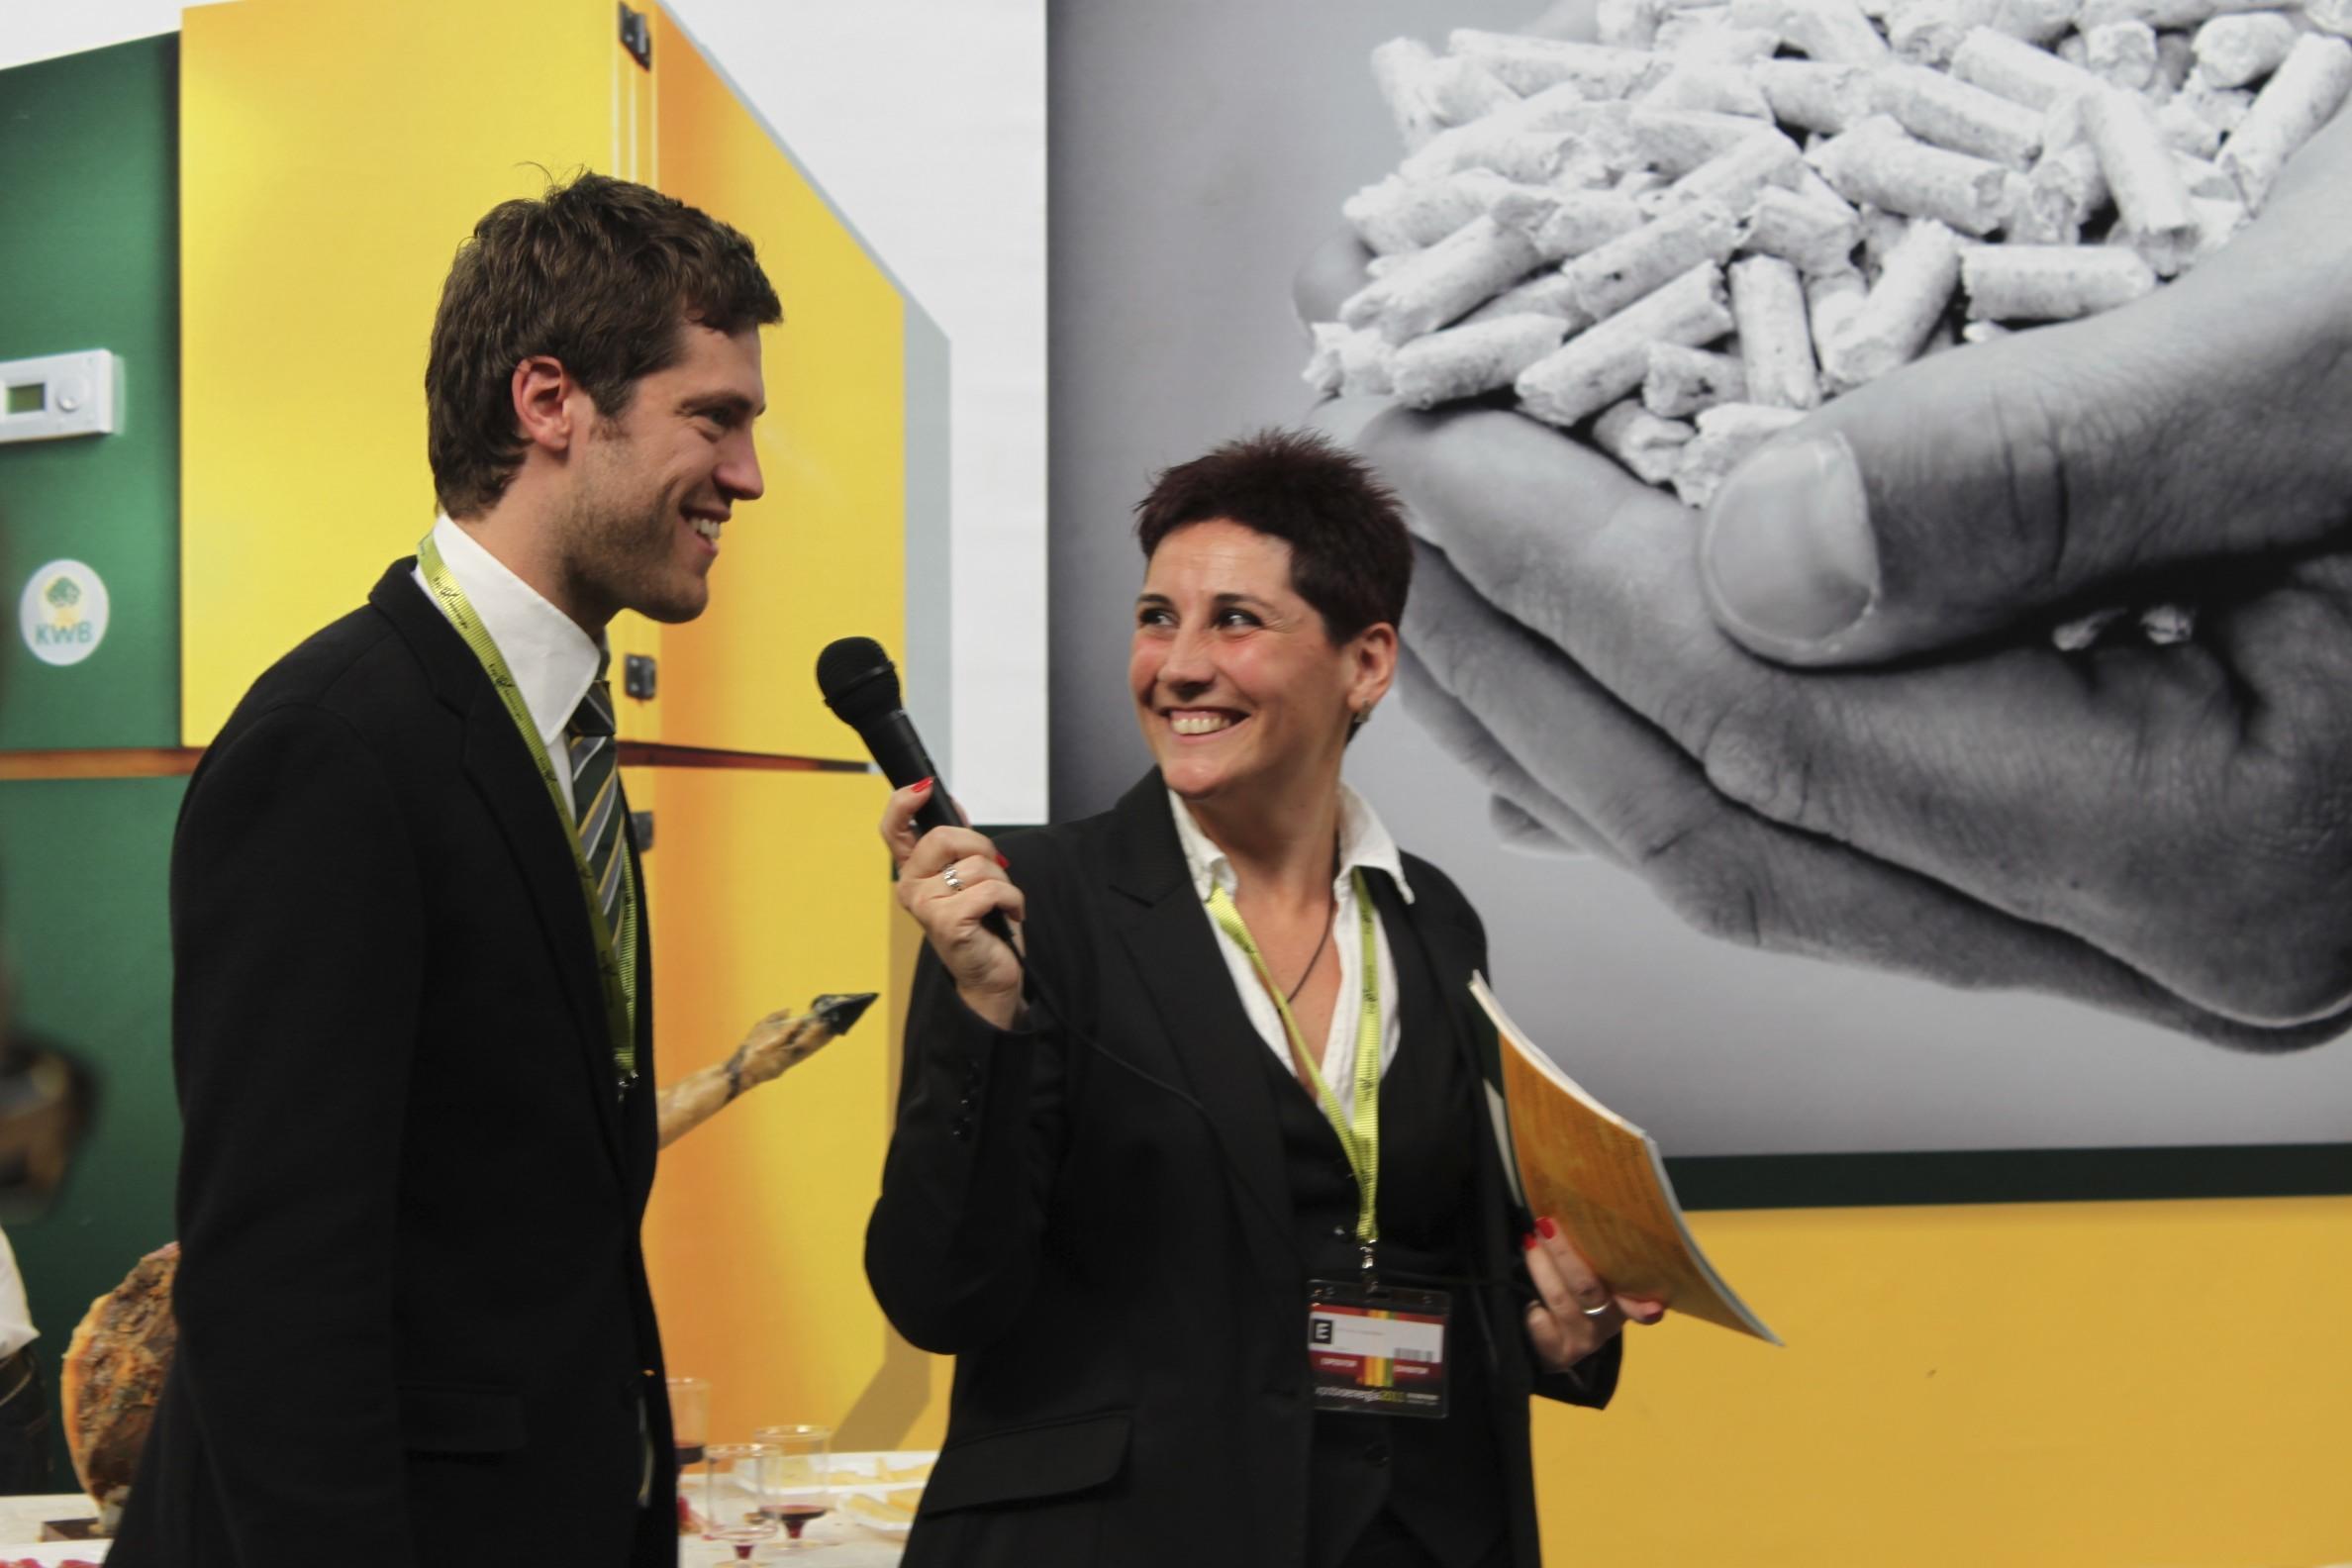 Presentación Montaje Caldera en stand de HCIB en ExpoBiomasa - Septiembre 2011 gabinete de prensa